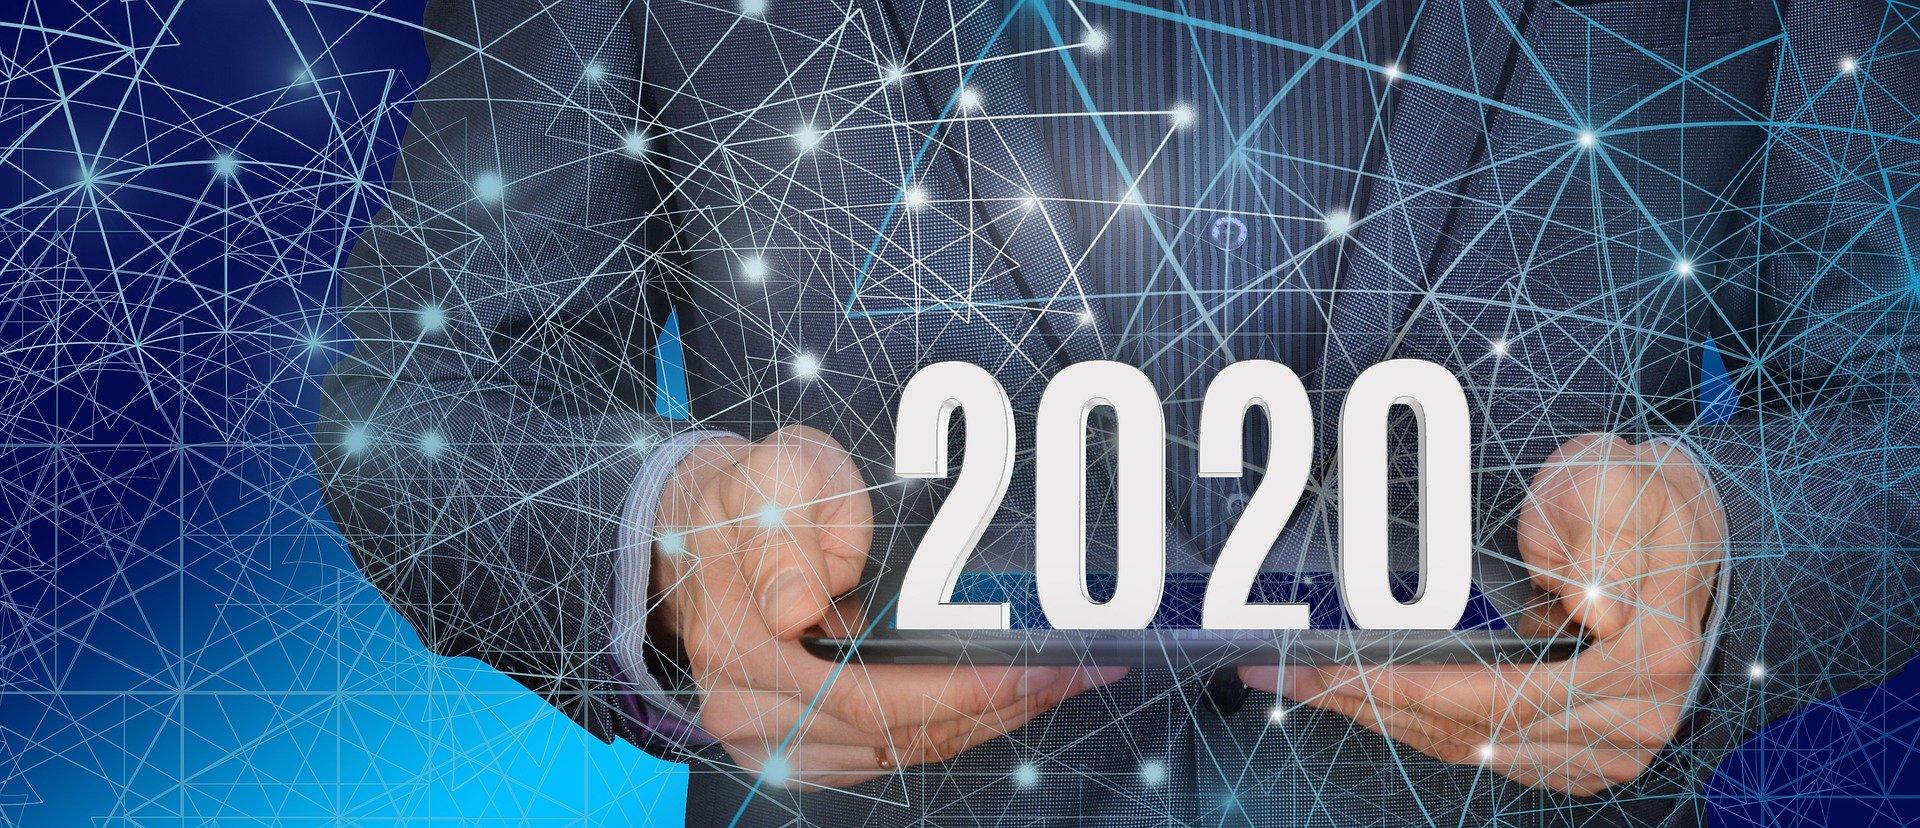 Resumen del año 2020